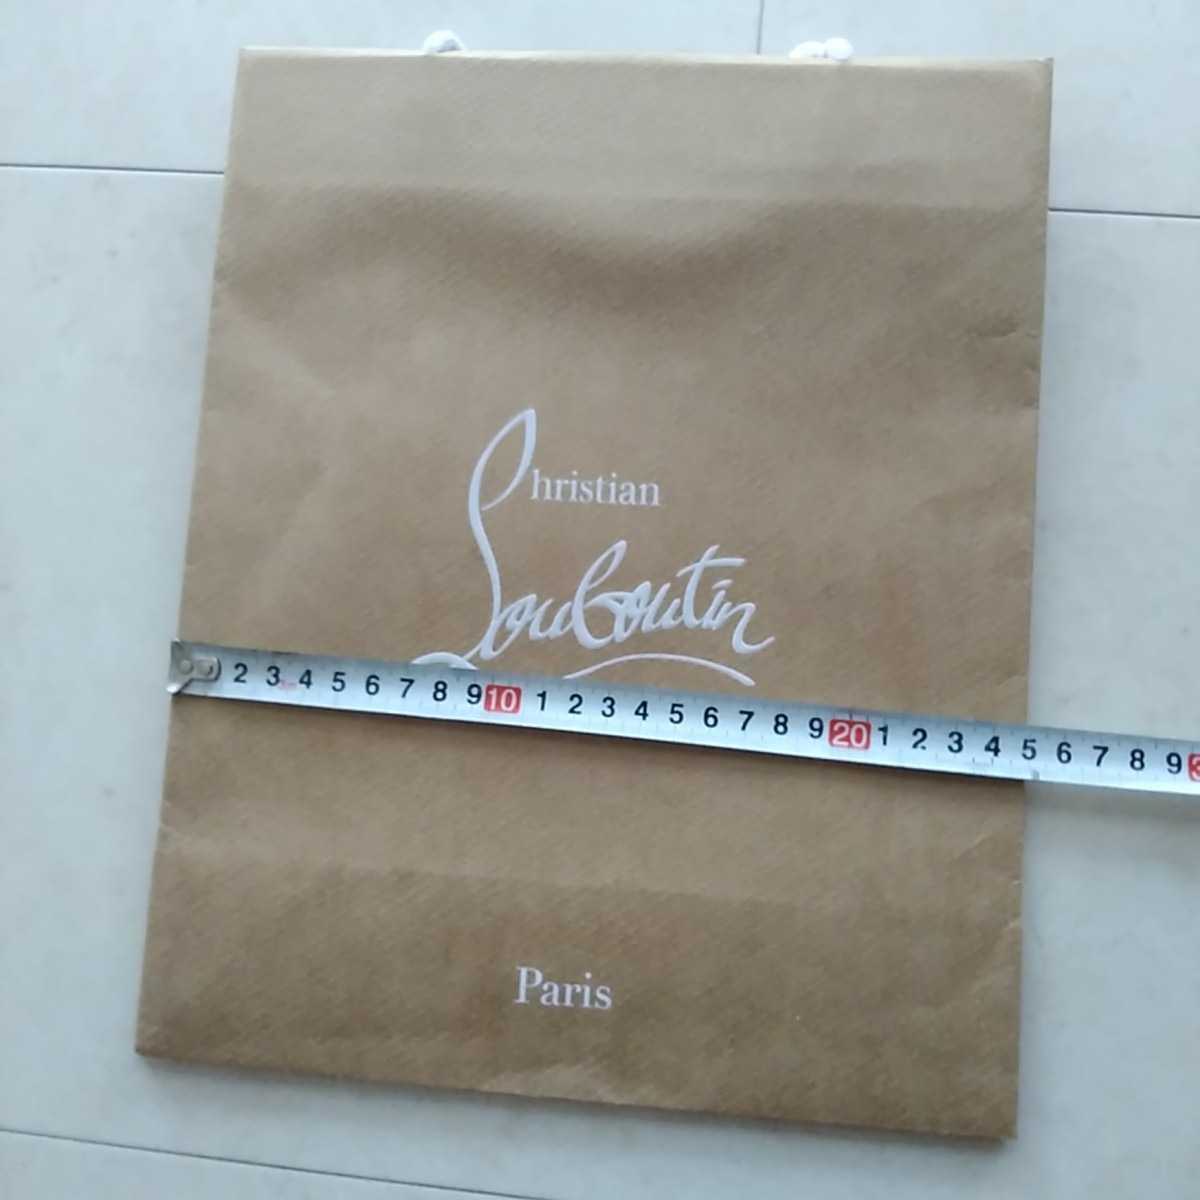 ☆新品☆ルブタンの紙袋☆サイズ小☆クリスチャンルブタン☆自宅保管品_画像5